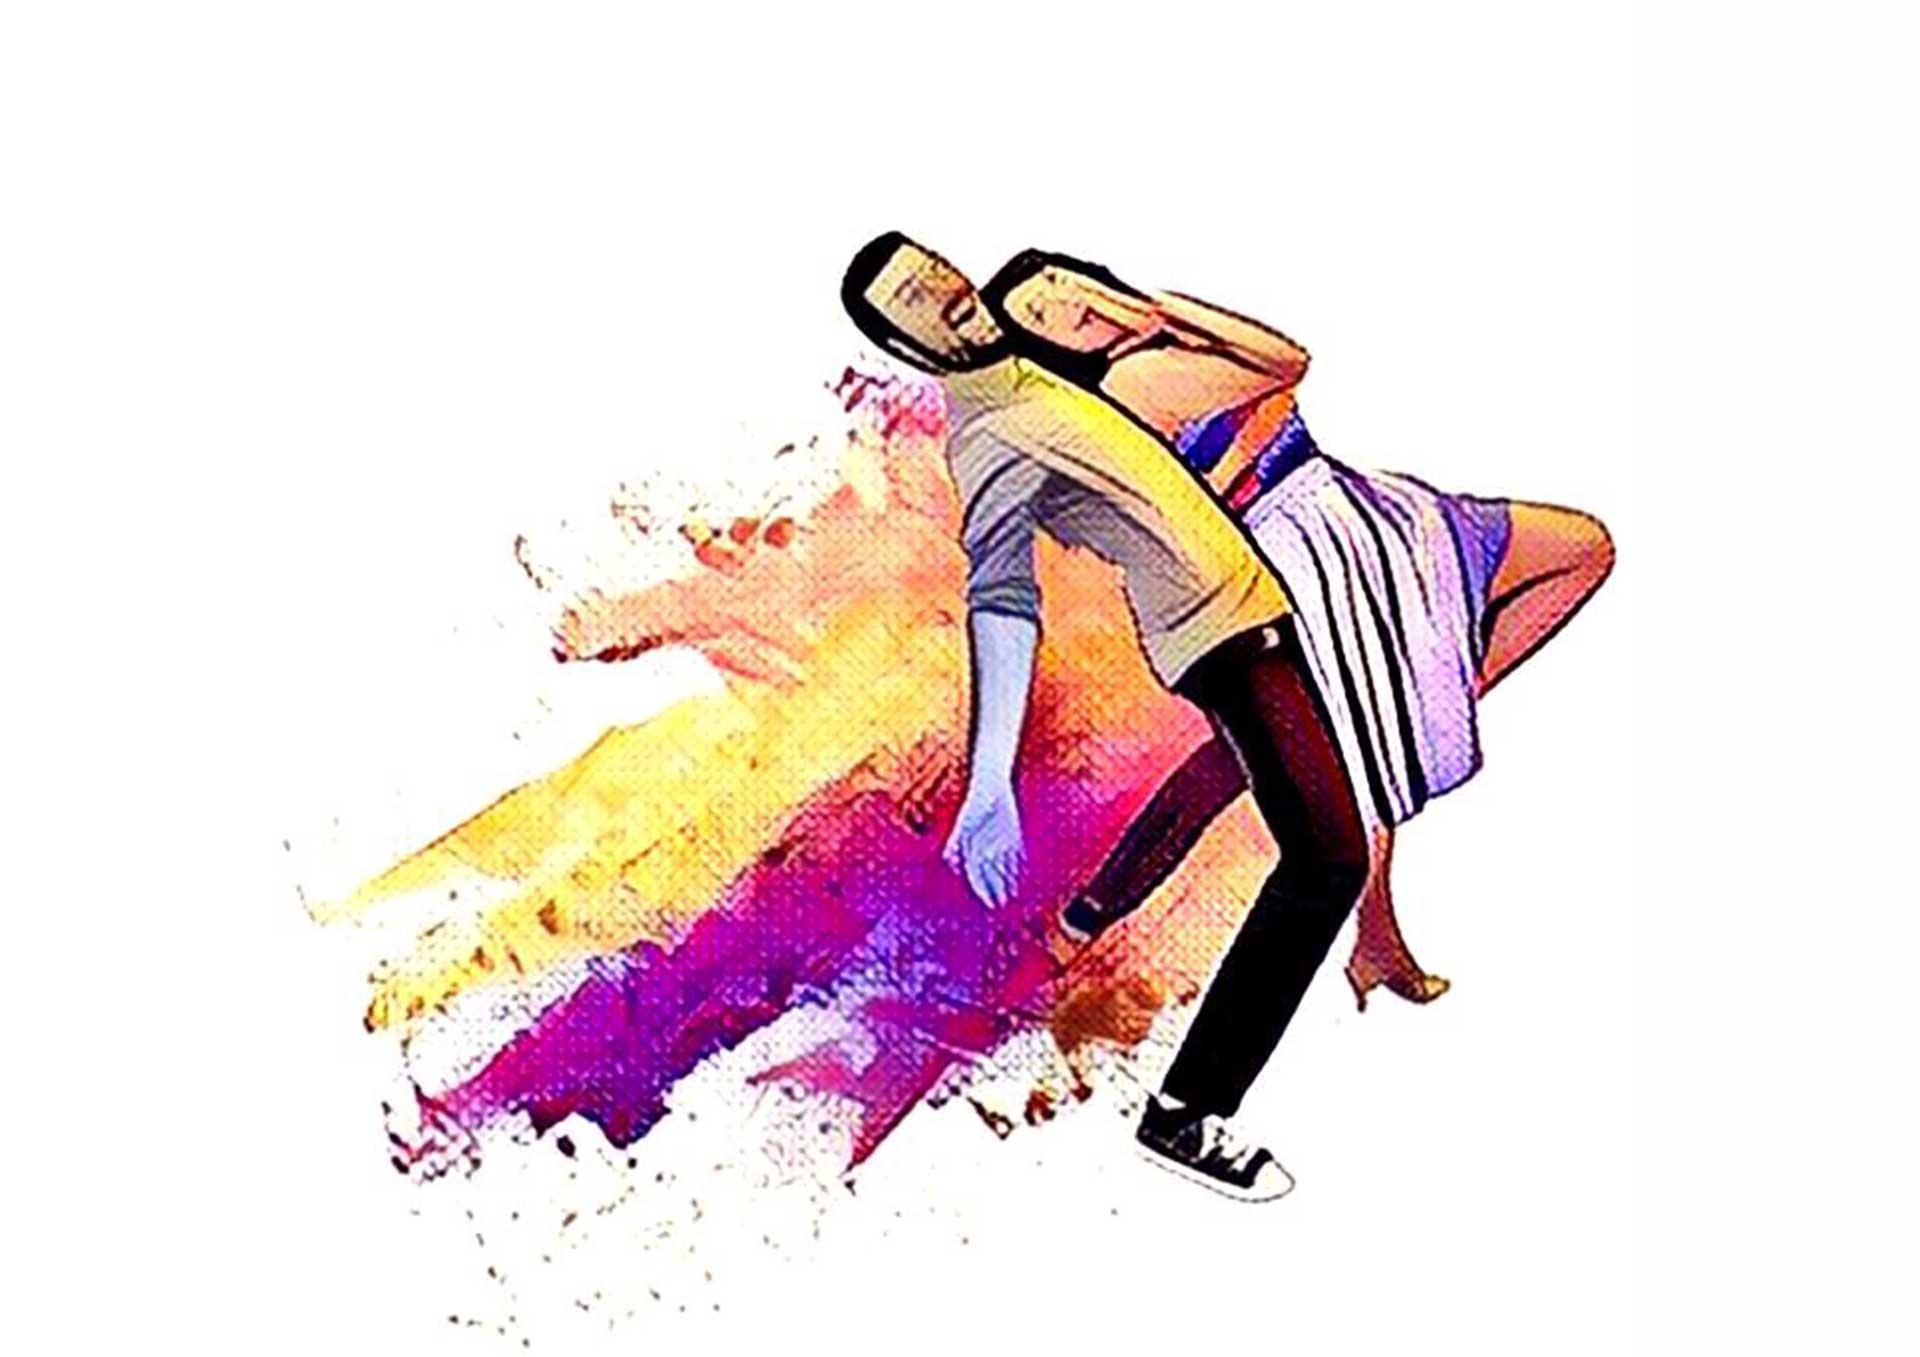 Corsi danza jazz novara